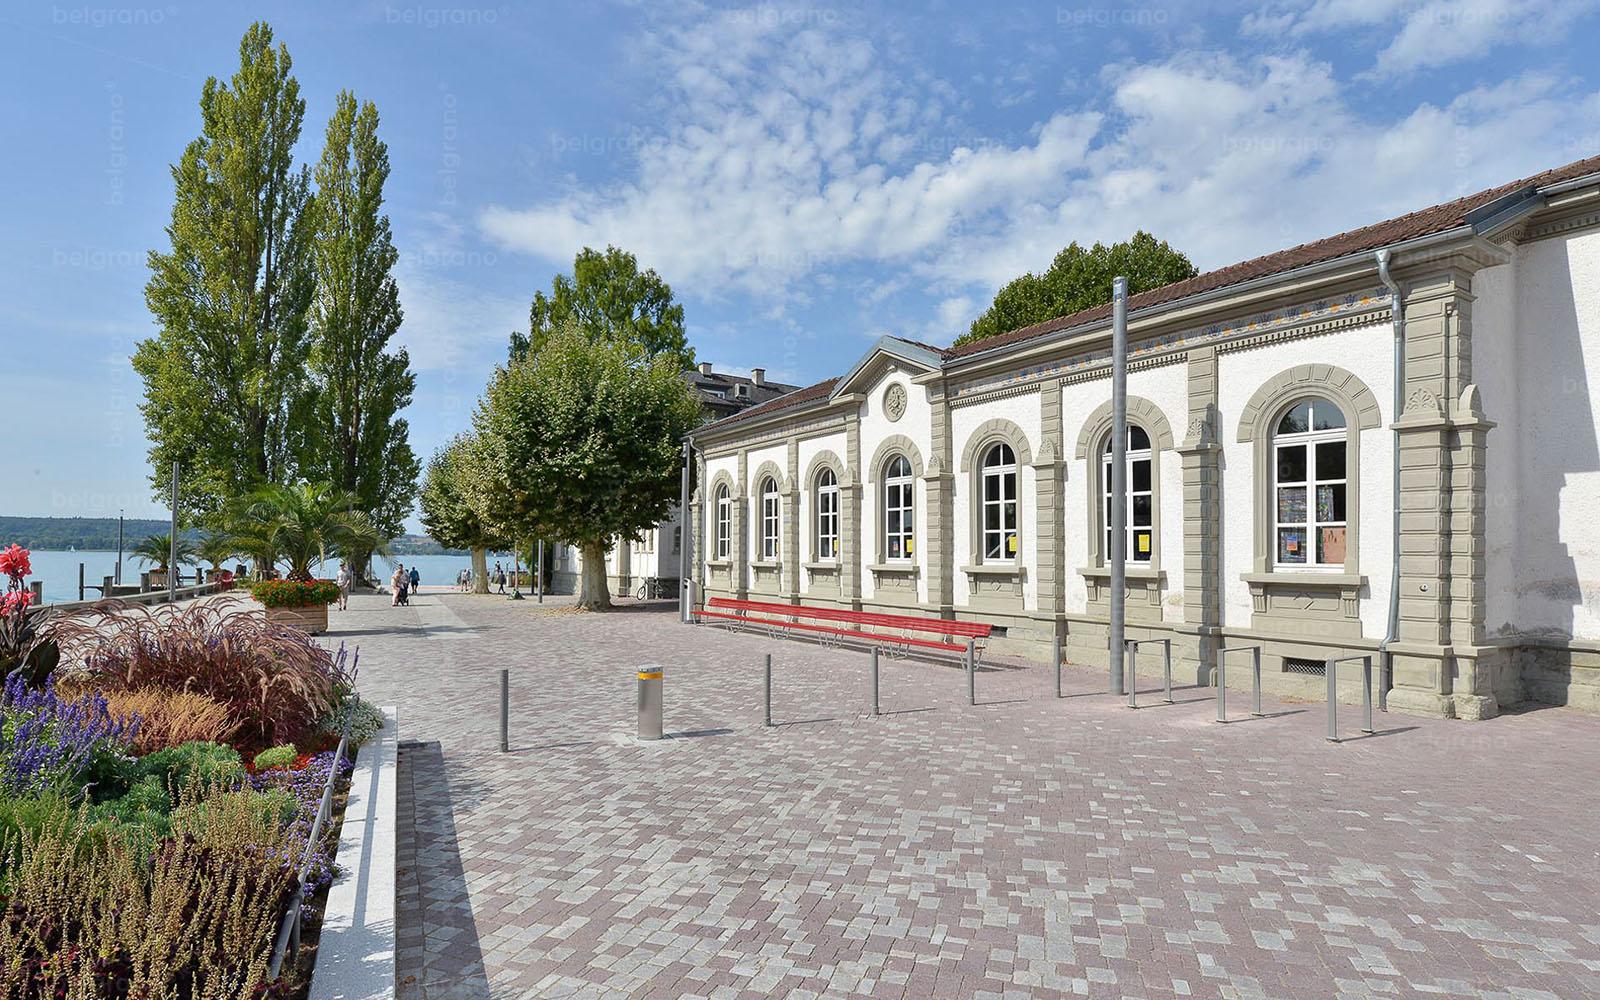 Landesgartenschau in Überlingen - Uferpromenade mit mehrfarbigen belgrano® Natursteinpflaster aus Granit und Porphyr und Bodenplatten aus Granit